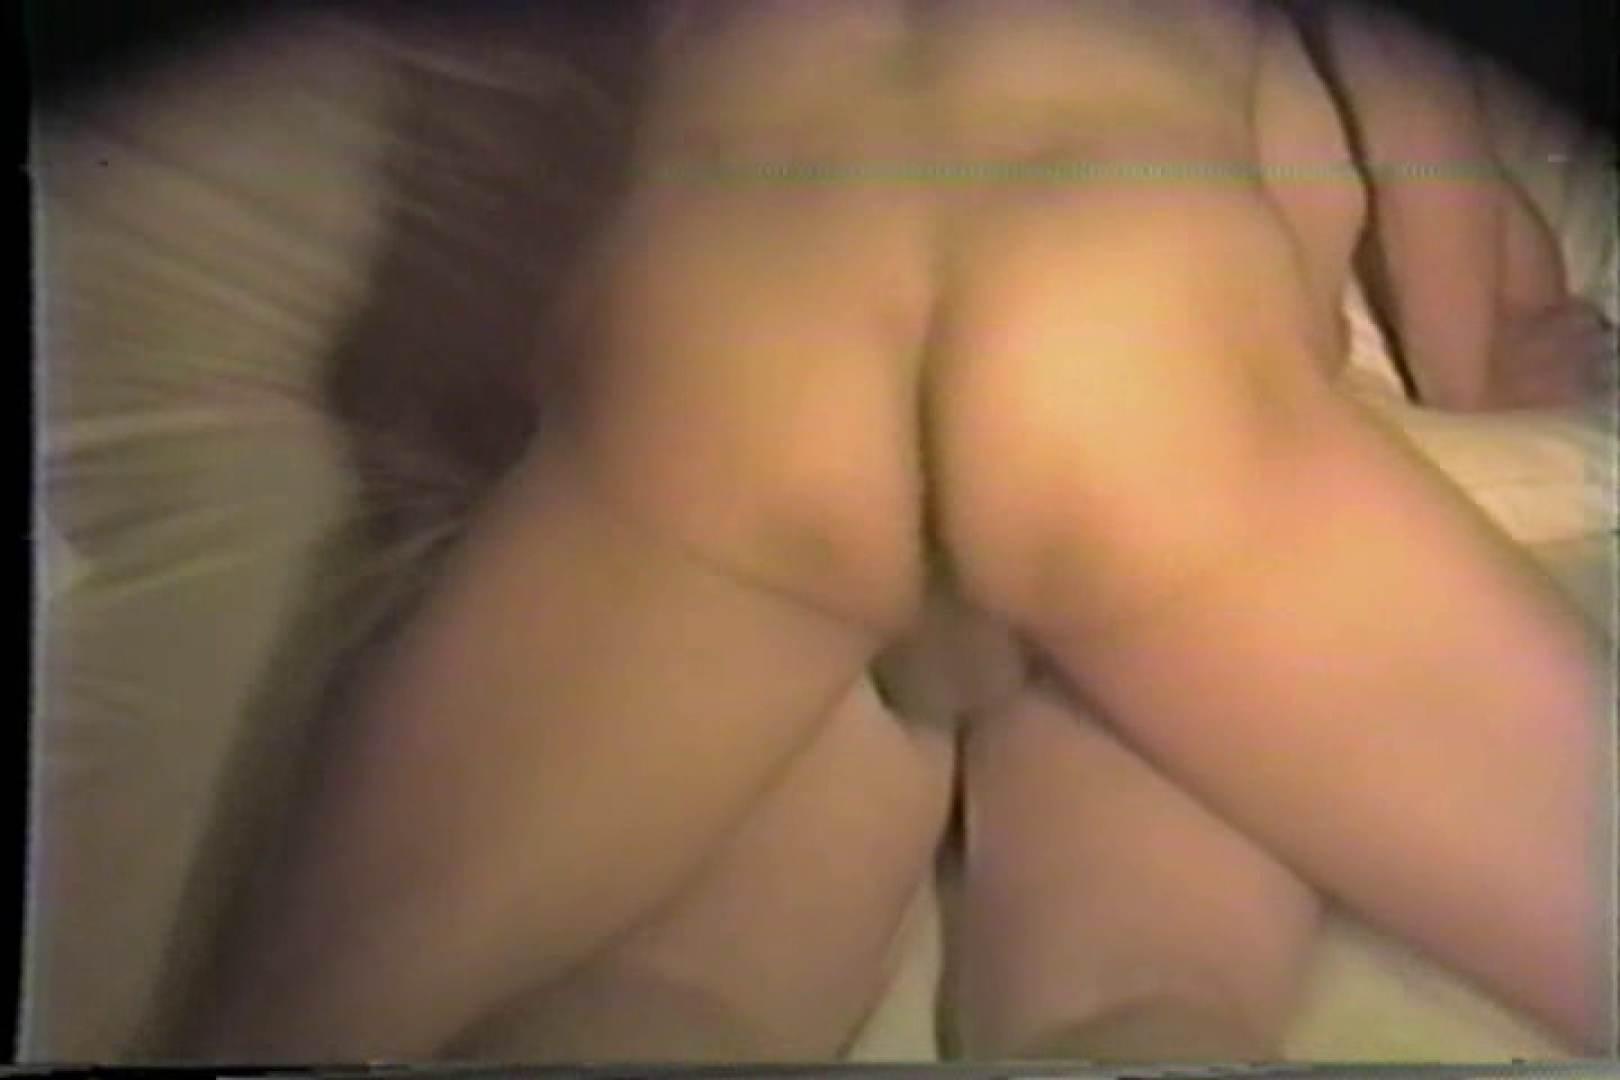 実録!ラブホテル~消し忘れ注意!昭和の色編~ vol.22 美女まとめ オメコ動画キャプチャ 83PIX 83